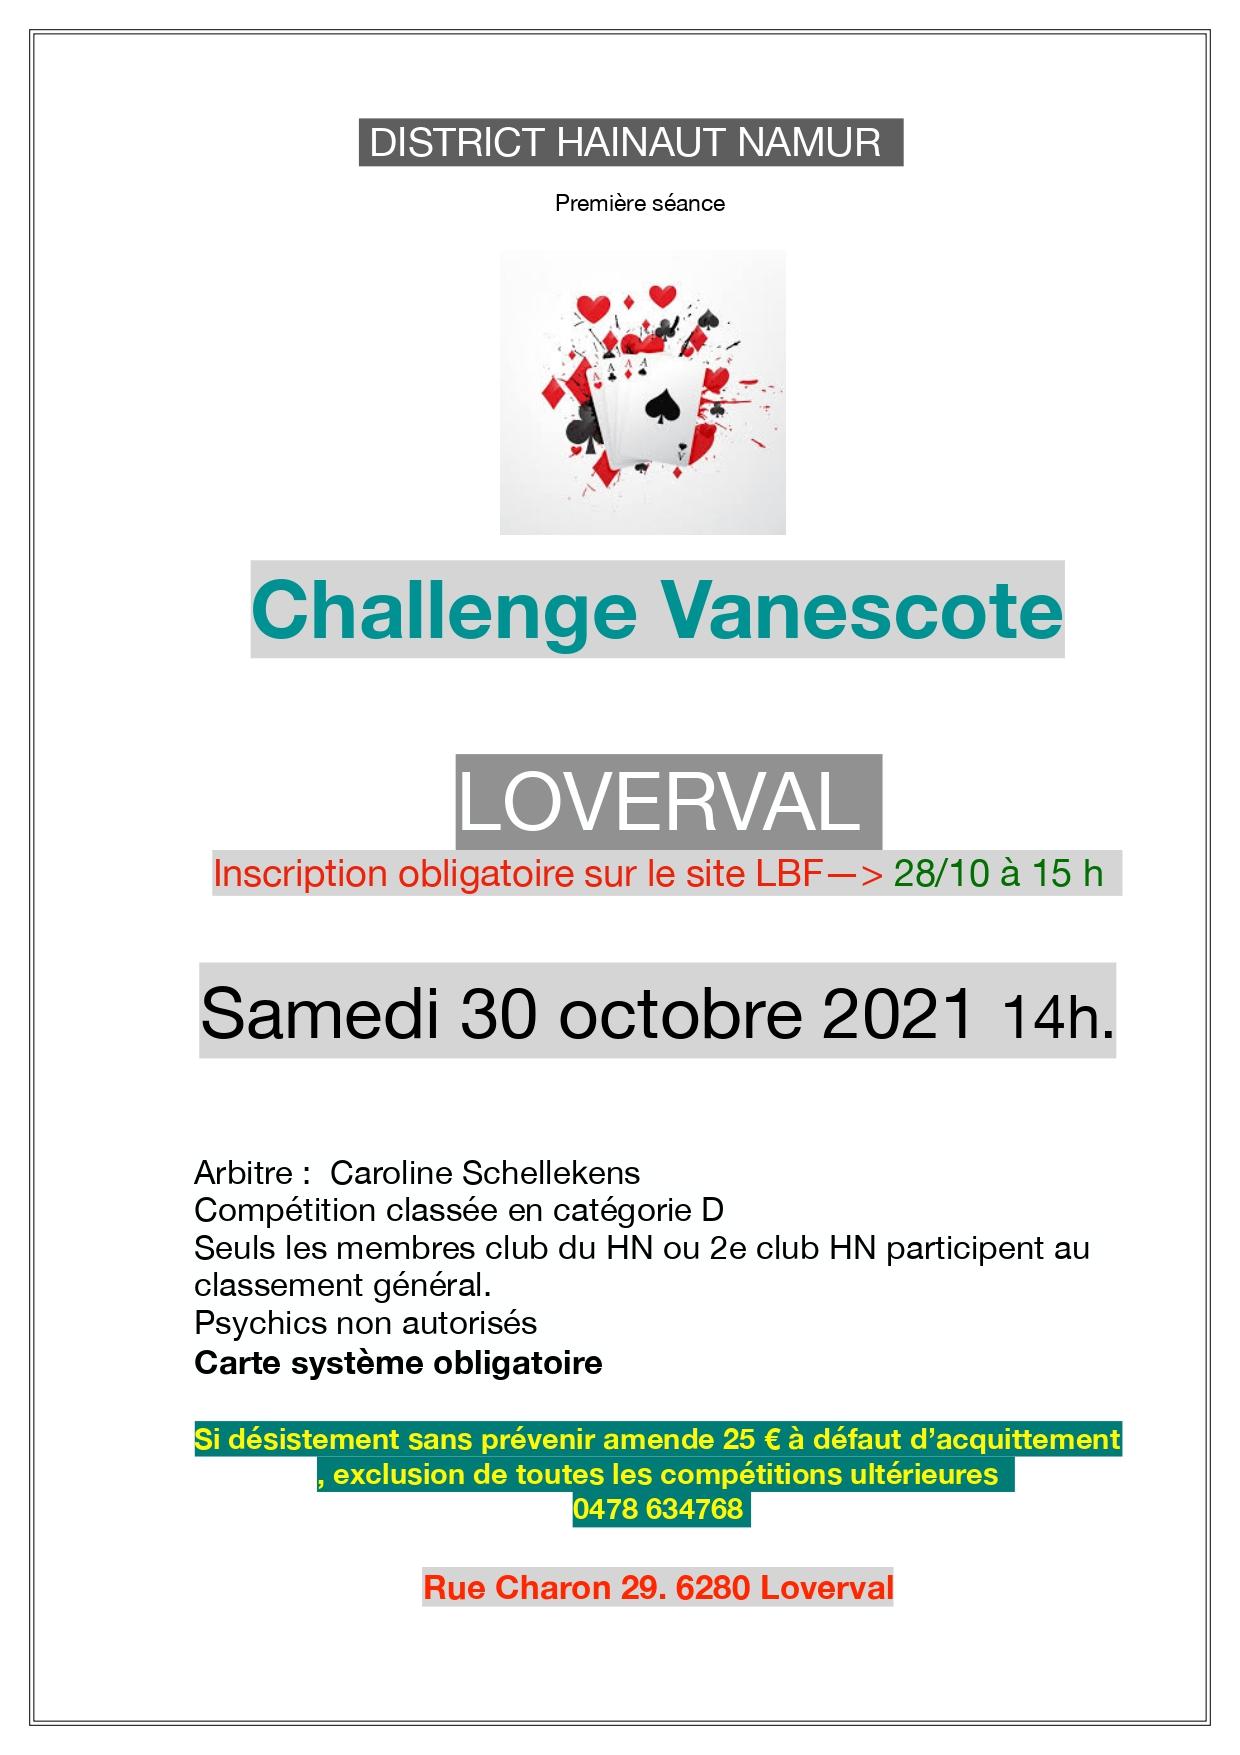 affiche-challenge-vanescote-loverval.jpg